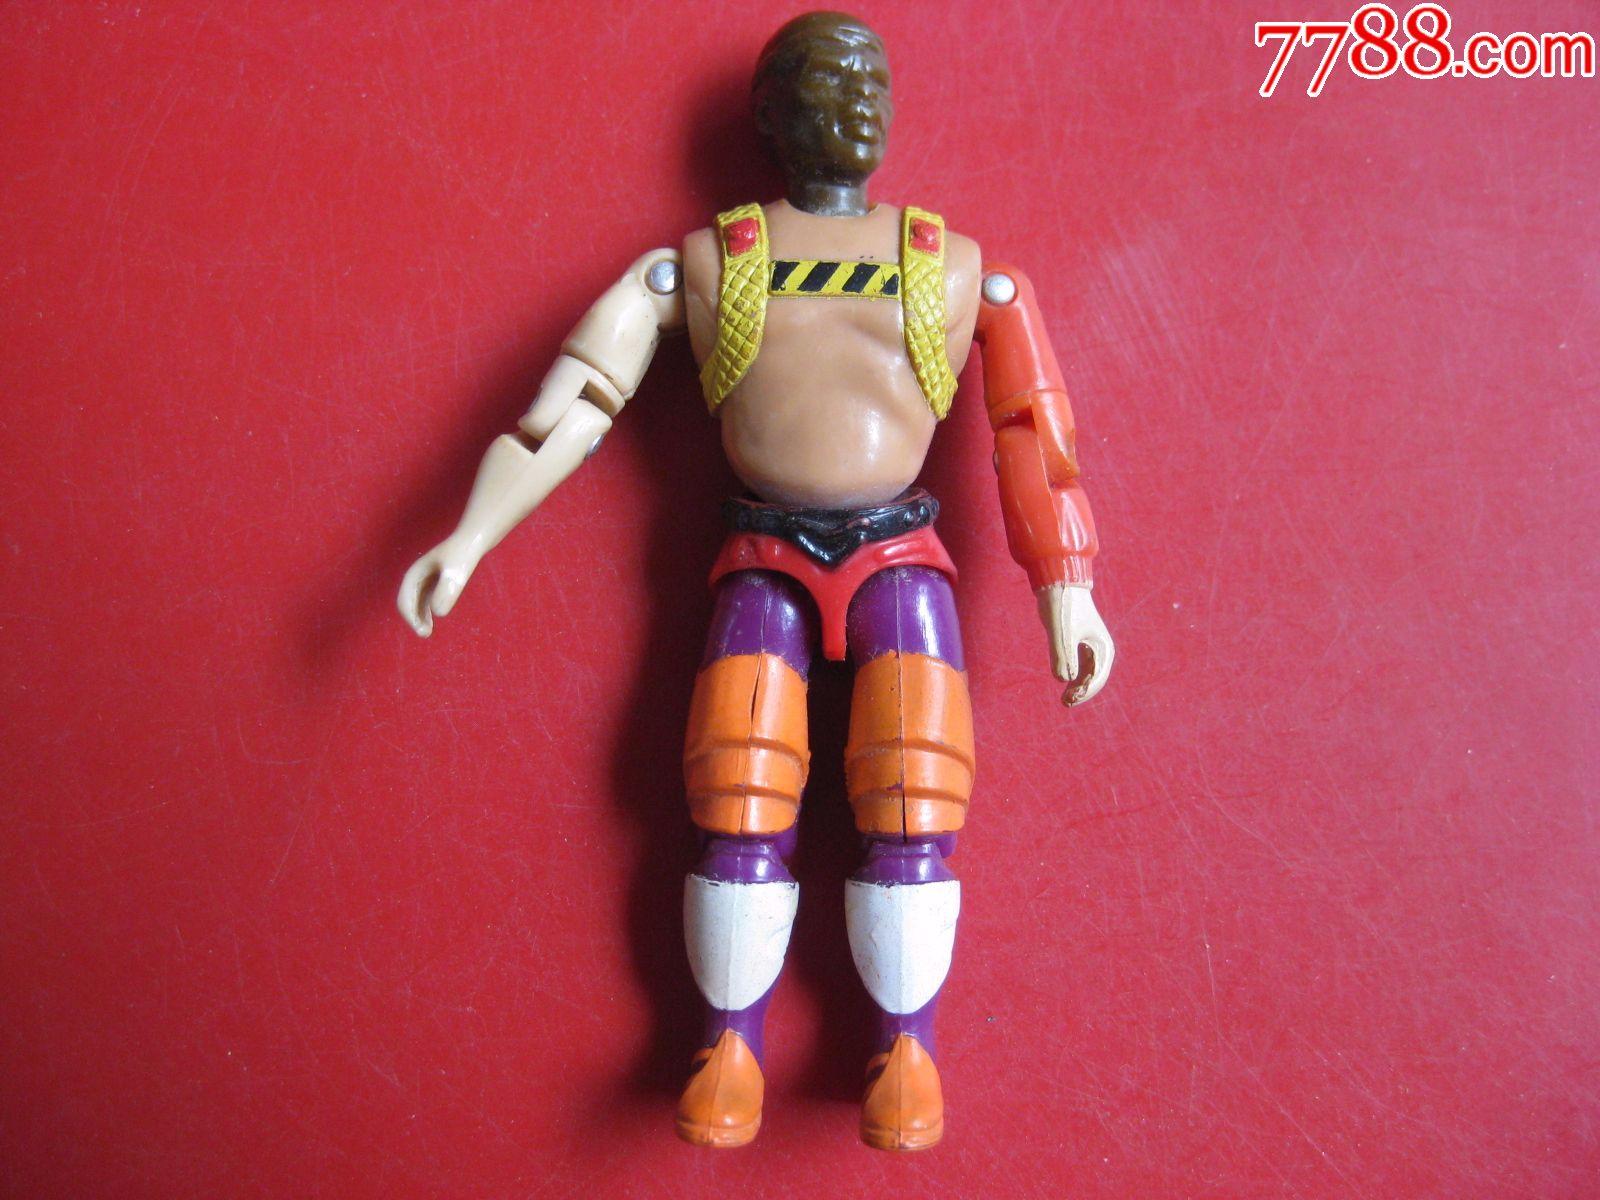 �雅f收藏八十年代玩具小人塑料玩具人80后�雅f玩具(se51825408)_